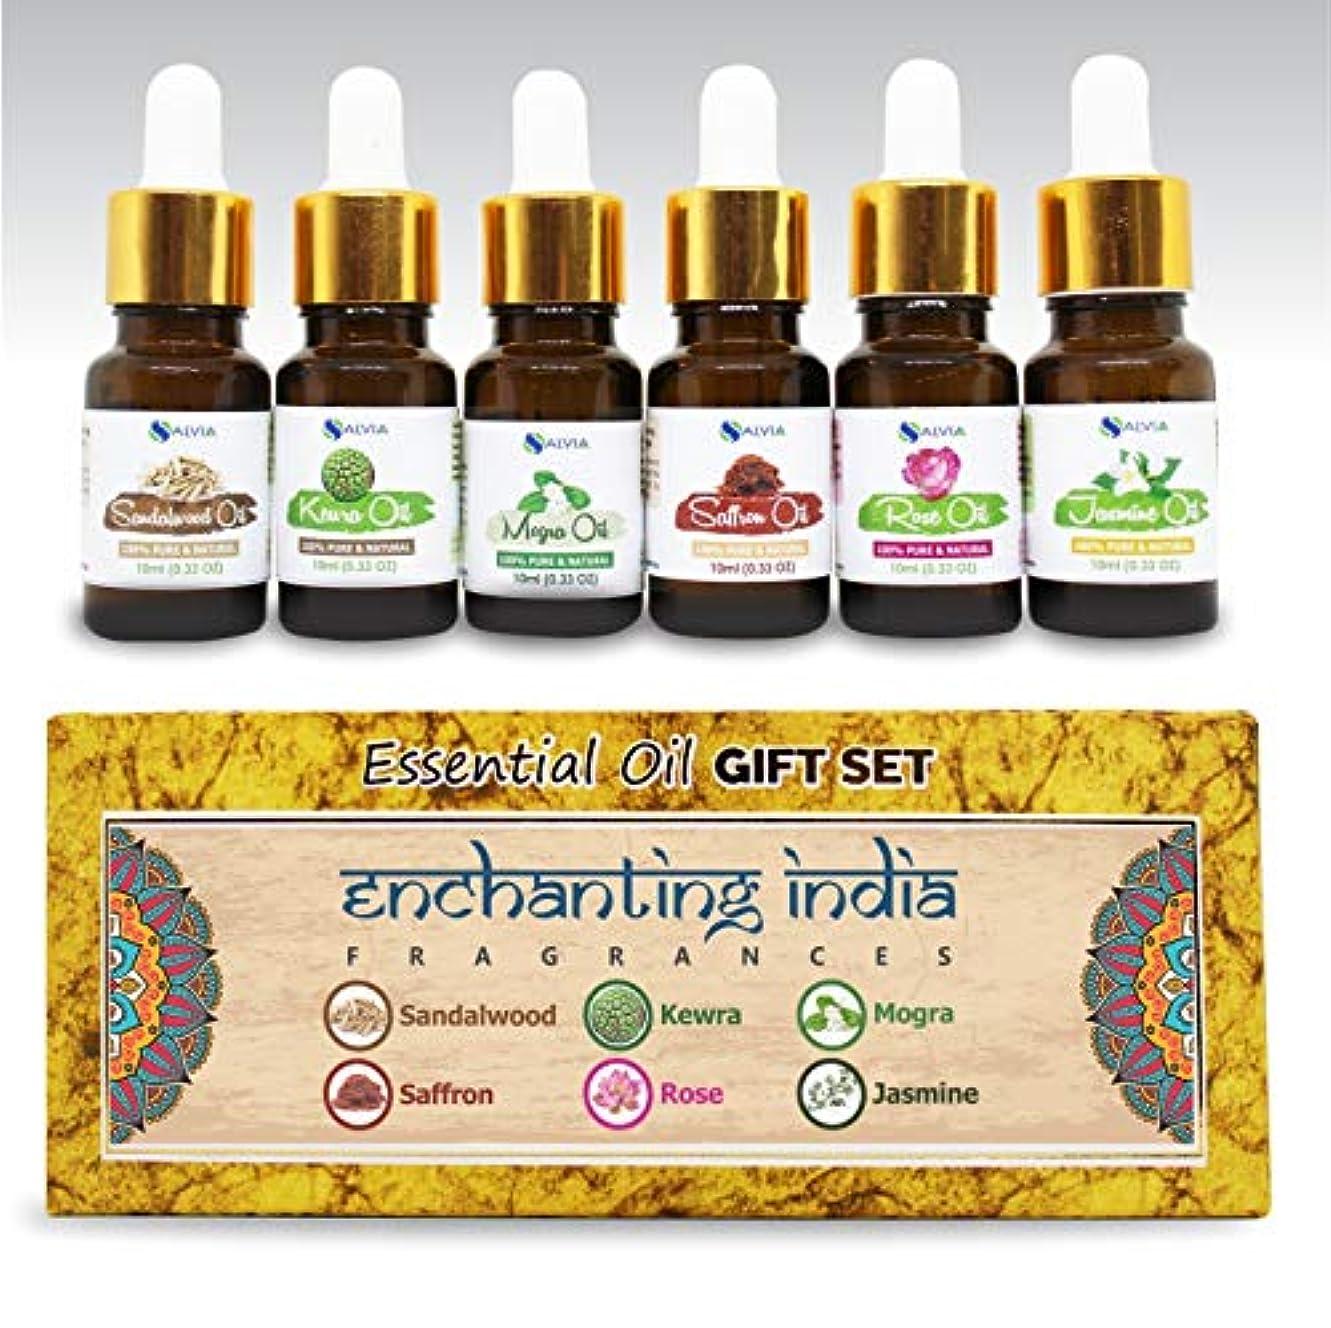 強いますデコラティブ用心するAromatherapy Essential Oils - Pack of 6 100% Pure & Natural Therapeutic Oils - 10 ML each (Sandalwood, Rose, Saffron...